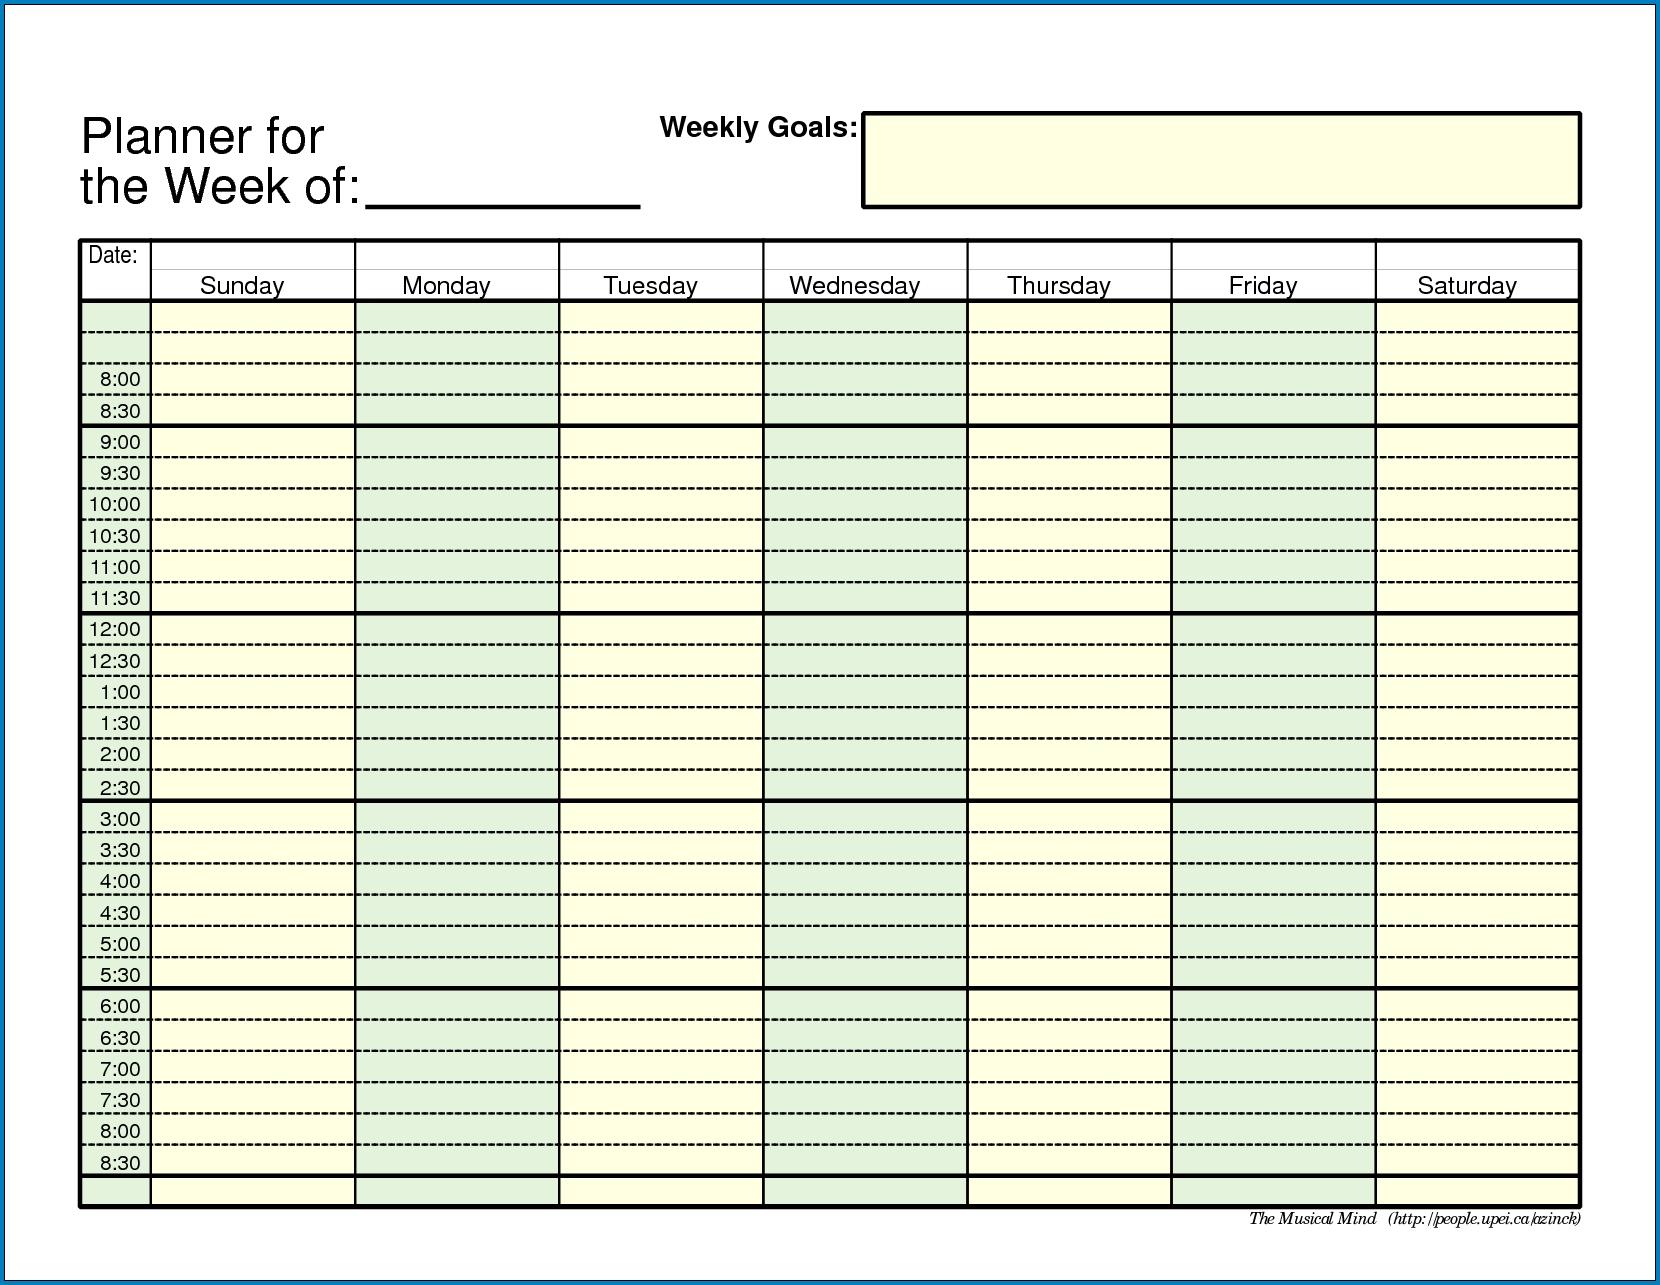 Pick Employee Daily Week Worksheet Template